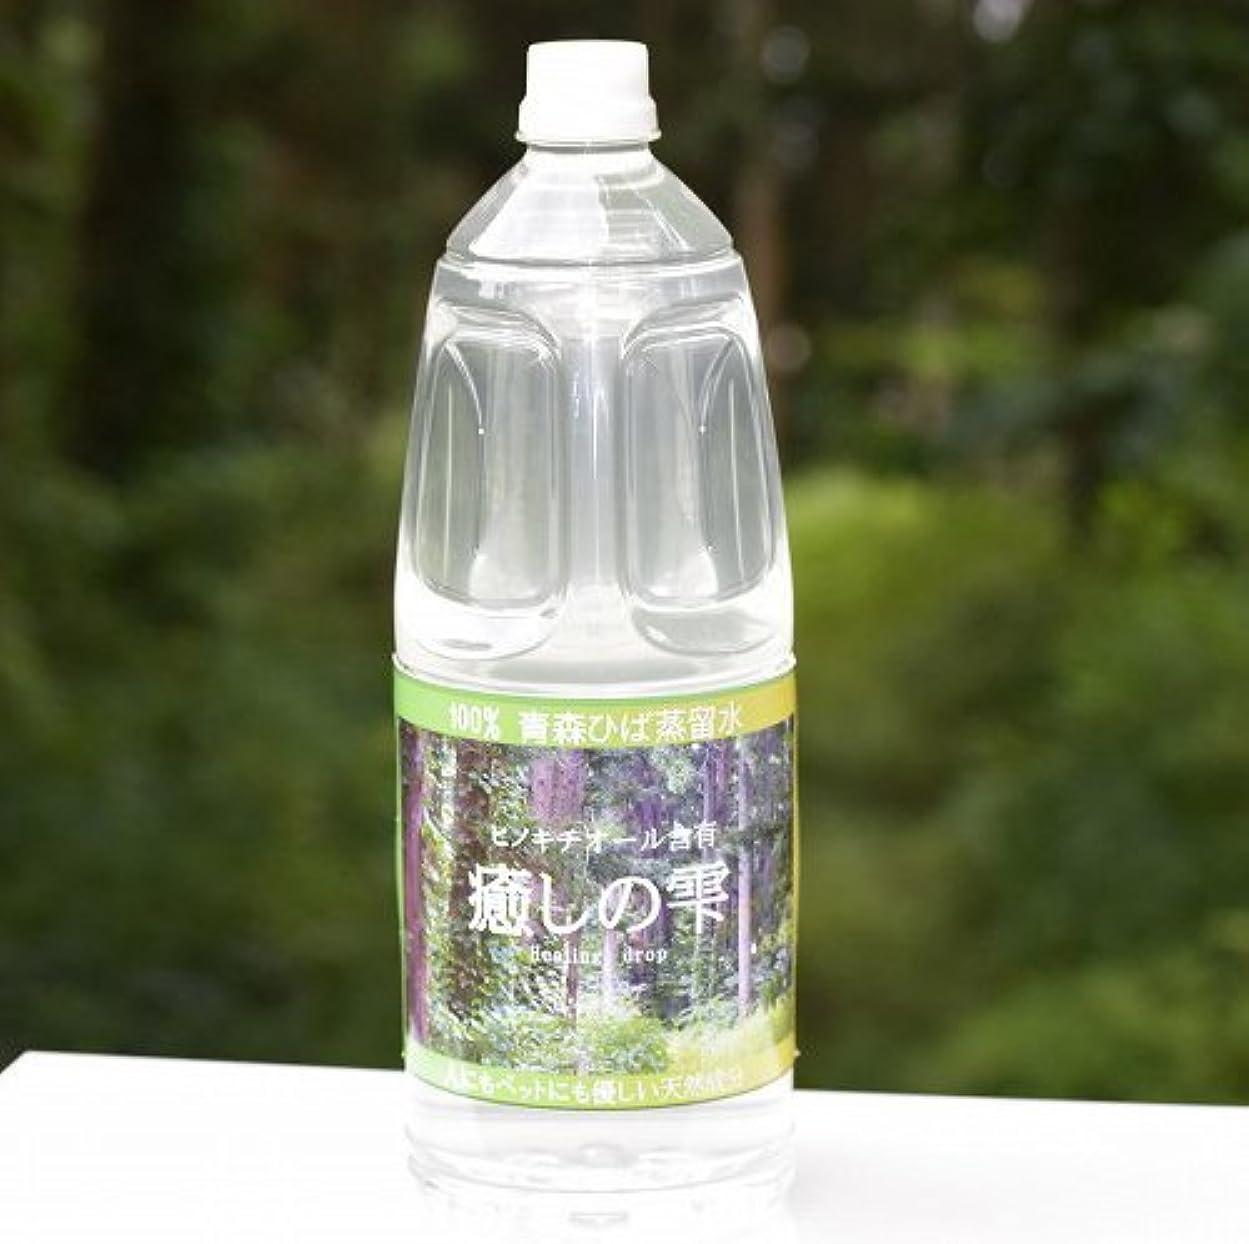 スキニー順番特徴づける青森ひば 天然ヒバ水 癒しの雫 蒸留水 送料無料 1.8L×3本